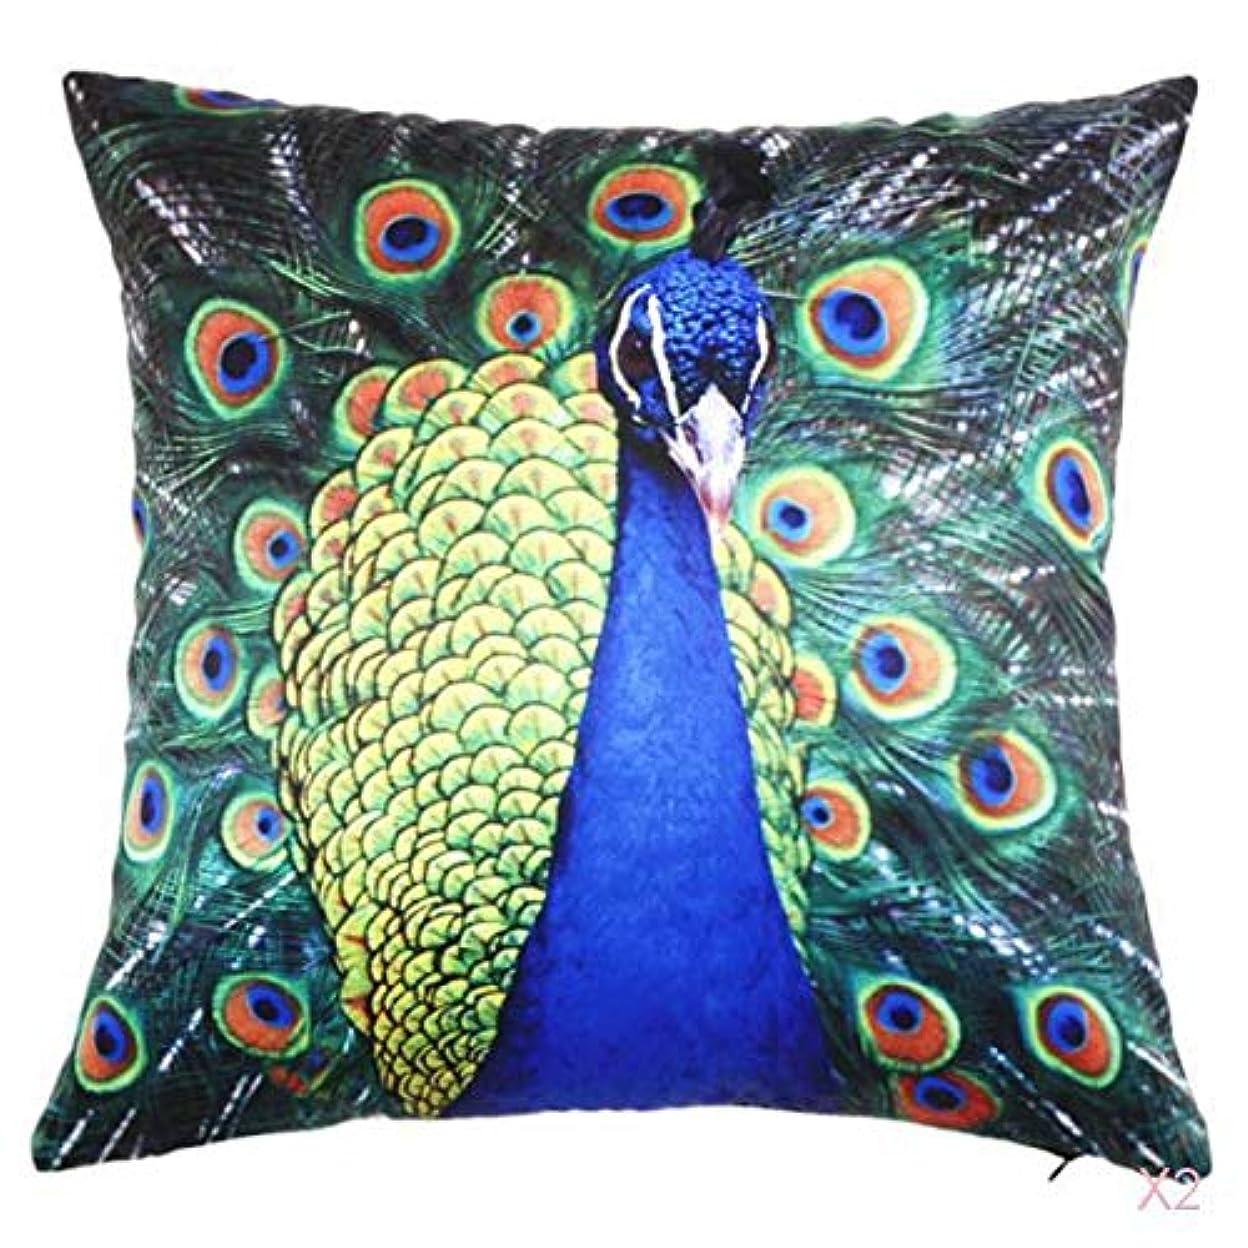 襟枯渇する打ち上げるFLAMEER 45センチメートル家の装飾スロー枕カバークッションカバーヴィンテージ孔雀のパターン03